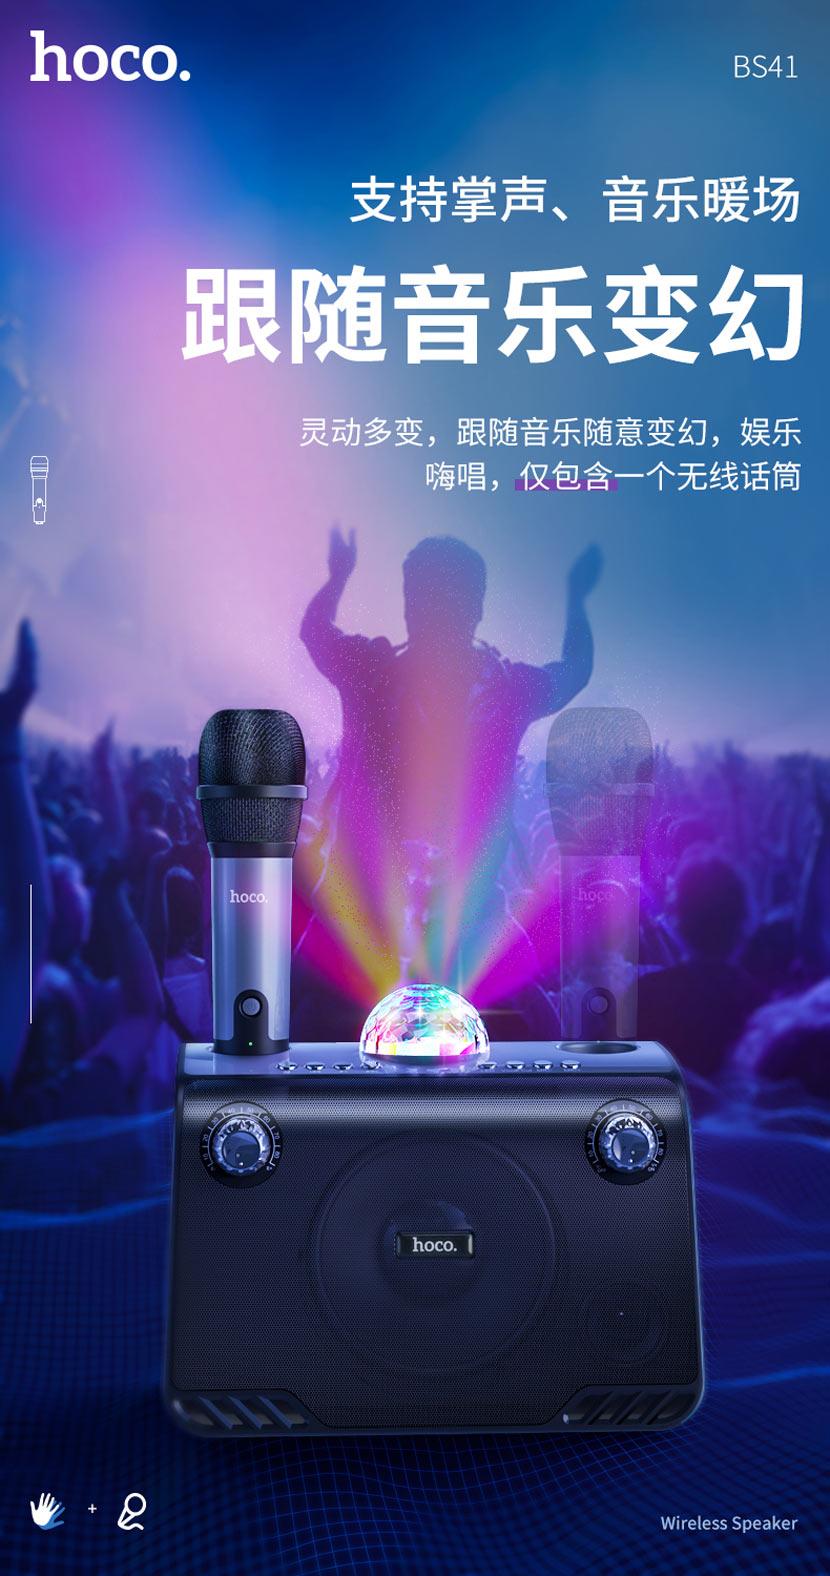 hoco news bs41 warm sound k song wireless speaker microphone cn